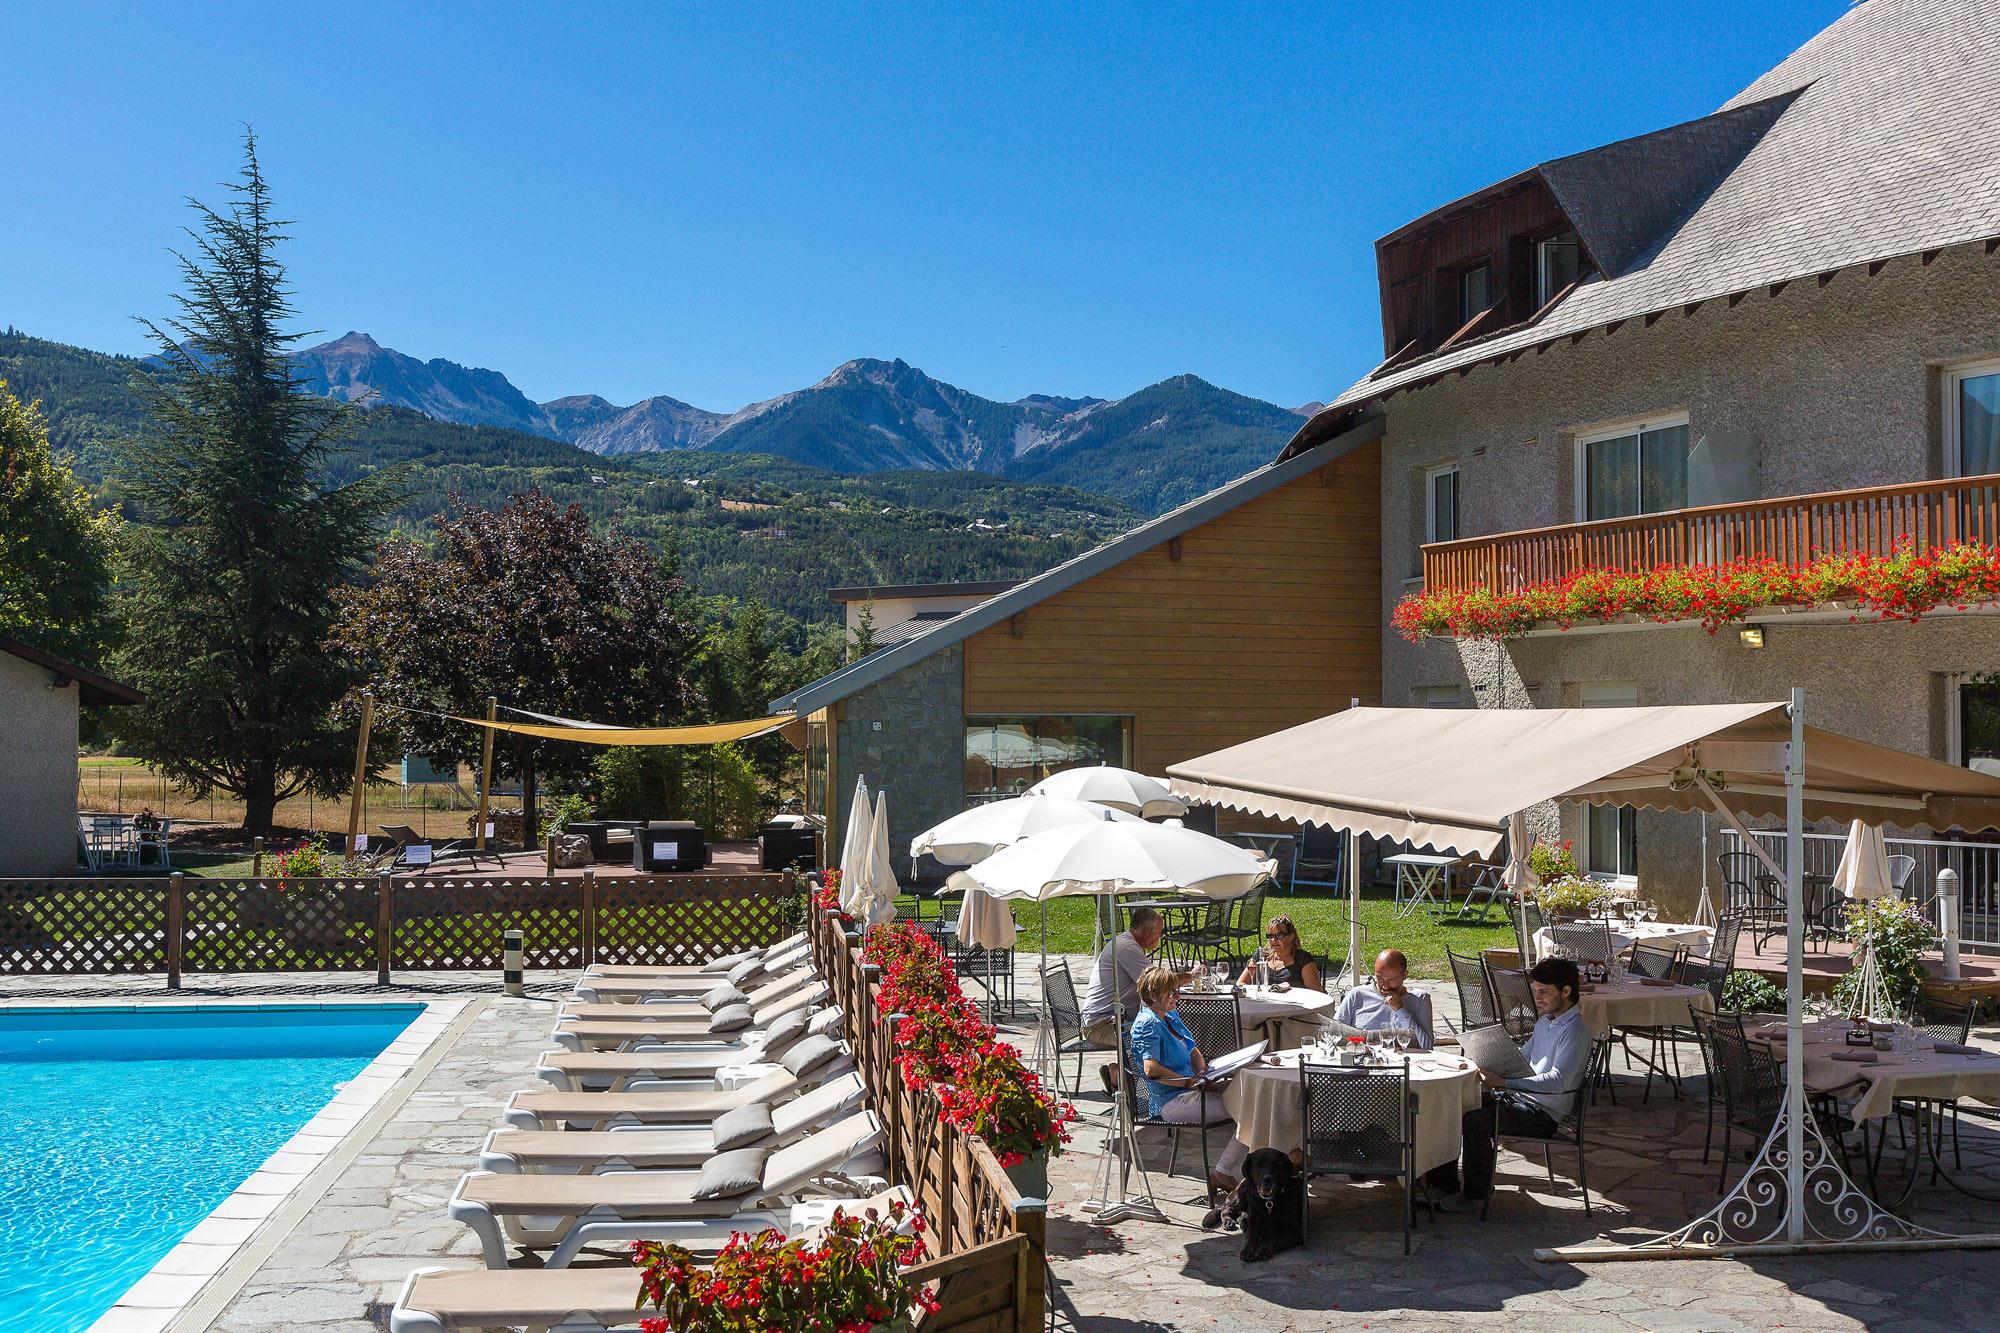 Photo de l'extérieur de l'établissement avec vue sa piscine et restaurant extérieur mais surtout sur les montagnes